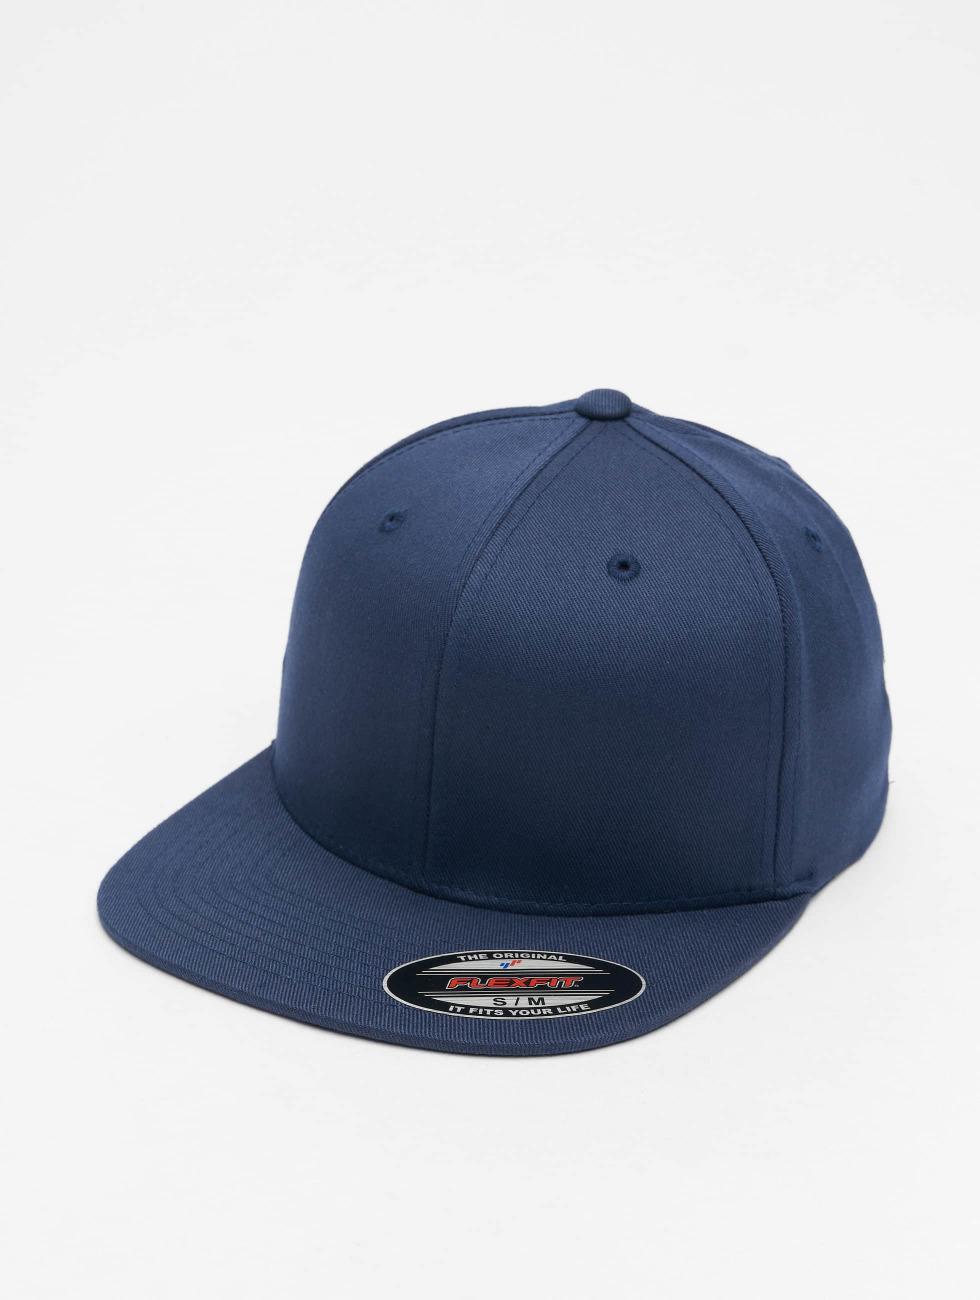 Flexfit Flexfitted Cap Flat Visor blue